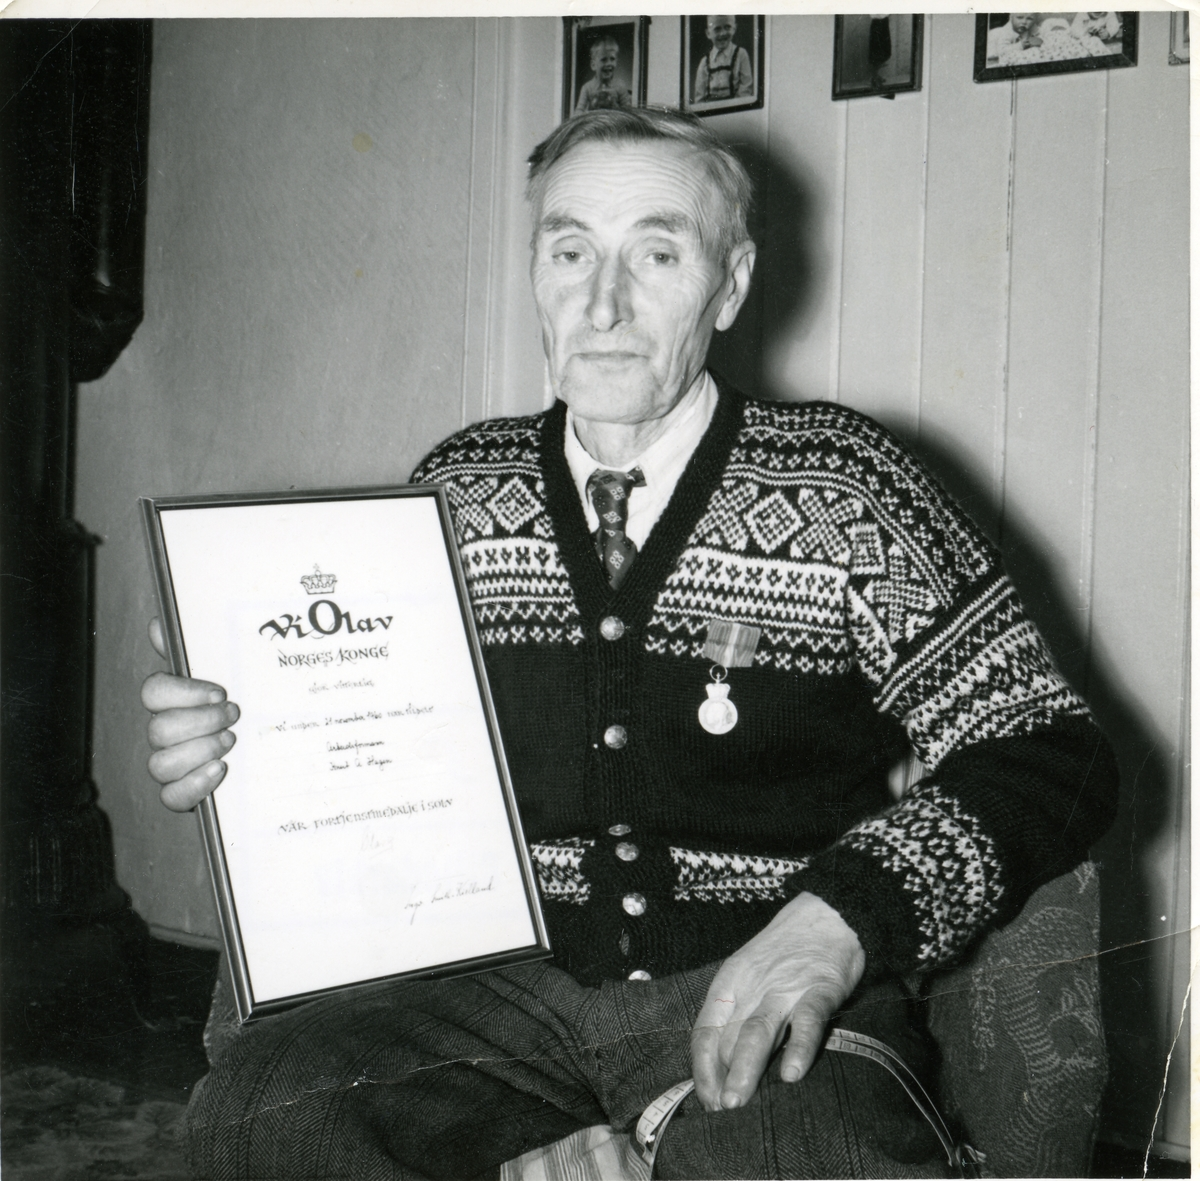 Portrett av Knut Hagen. han holder et diplom og han har fortjenestemedlajen på brystet.